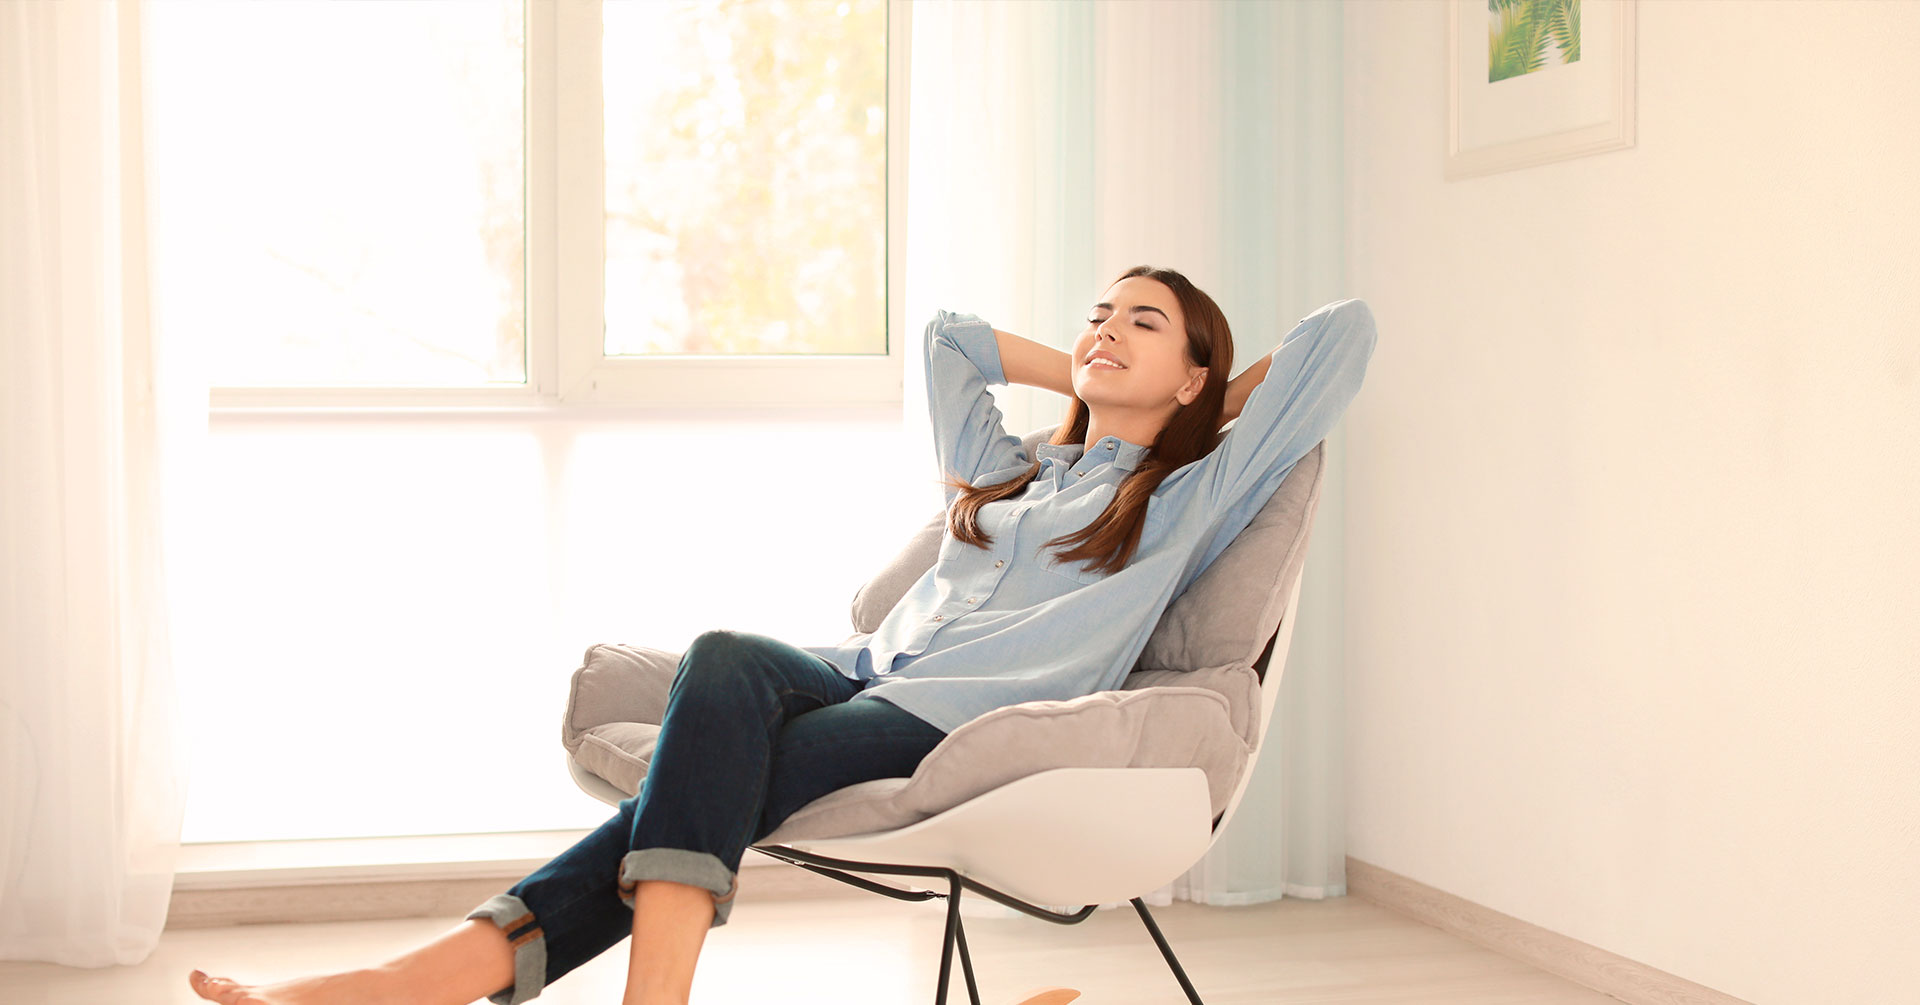 Ejercicios de relajación para superar la ansiedad y el estrés